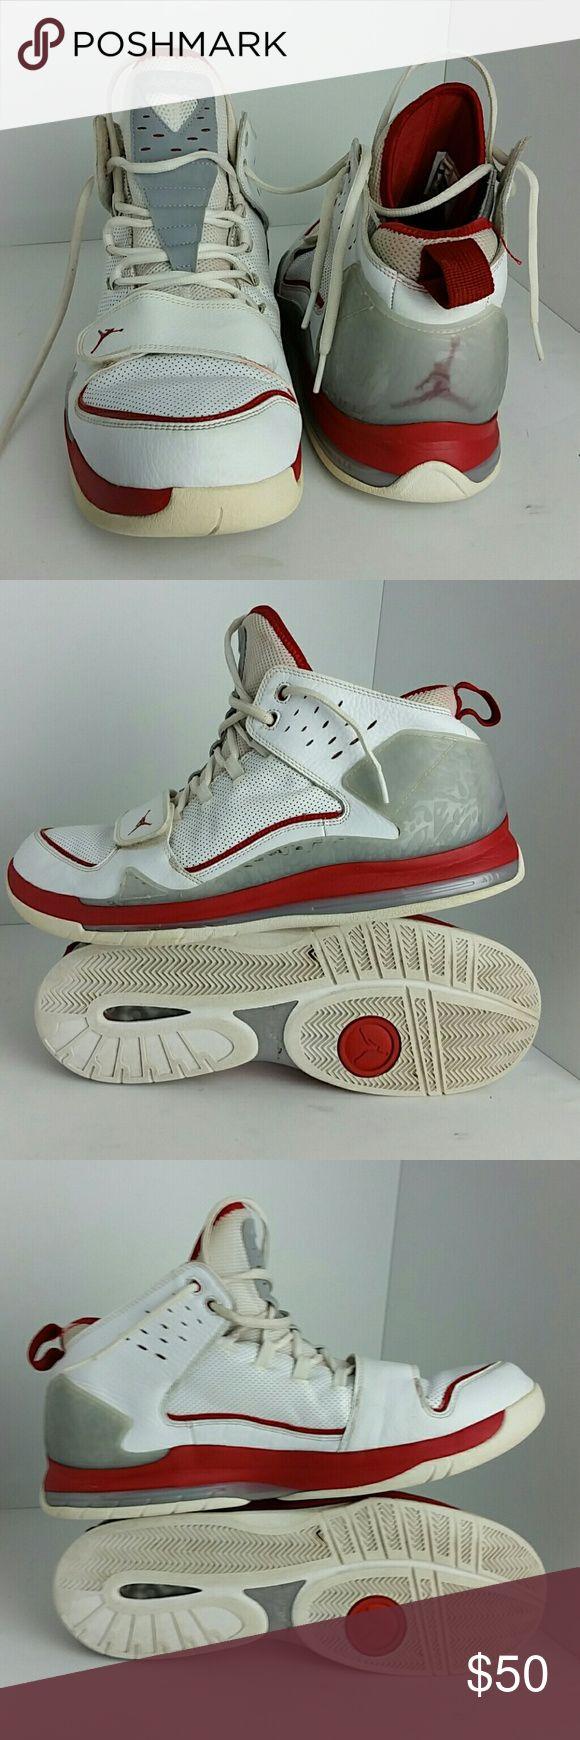 AIR JORDAN EVOLUTION 85 MEN'S SHOES IN GOOD CONDITION   SKE # KU4 Air Jordan Shoes Athletic Shoes